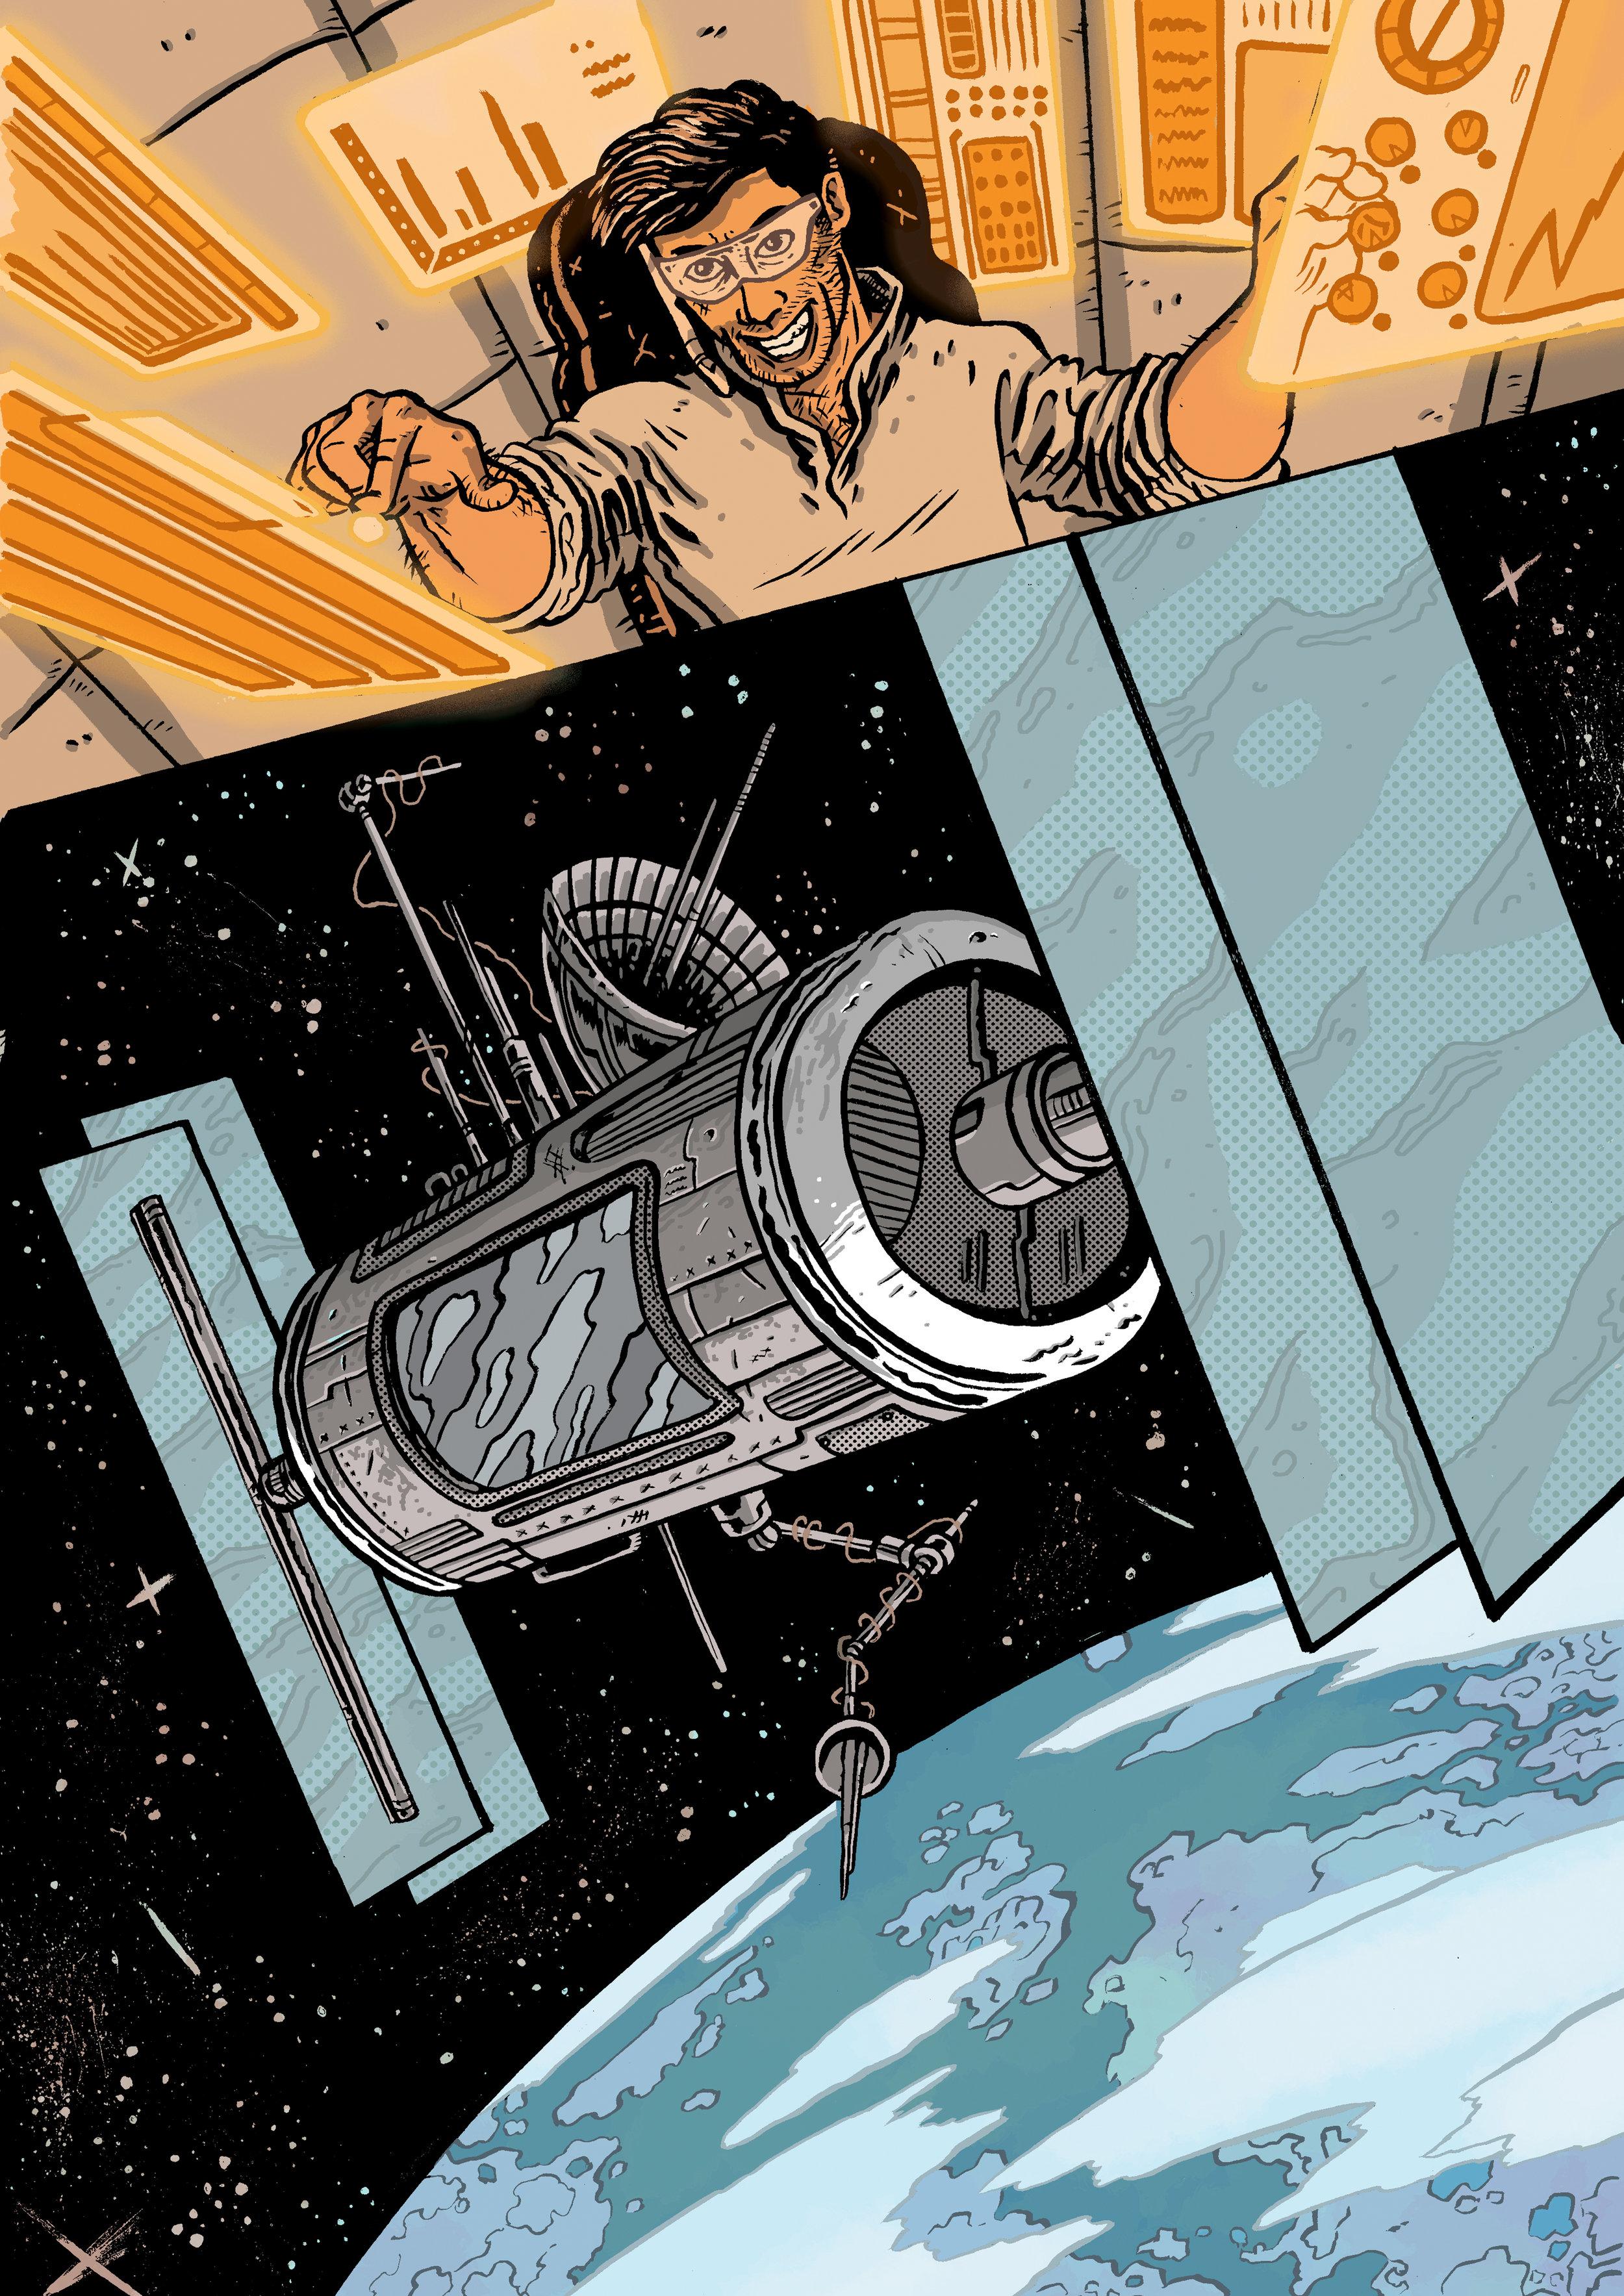 Illustrated by Luca Vassallo